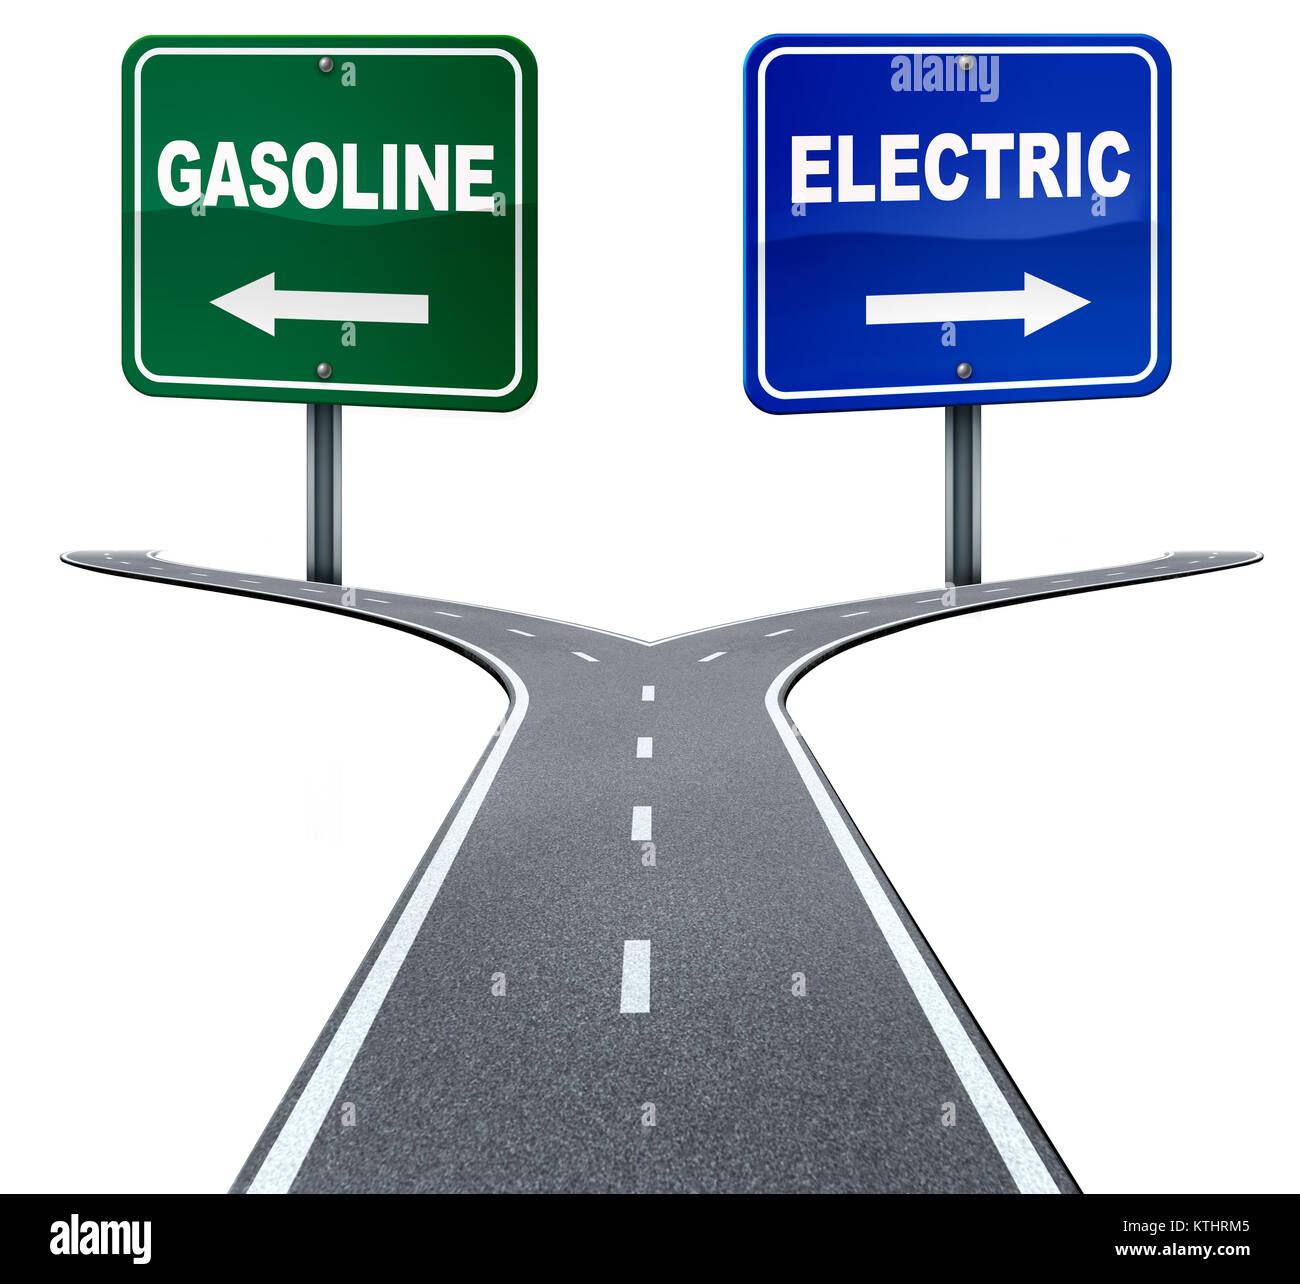 L'essence et de l'industrie de l'énergie électrique concept choix sur un carrefour entre l'ancien Photo Stock